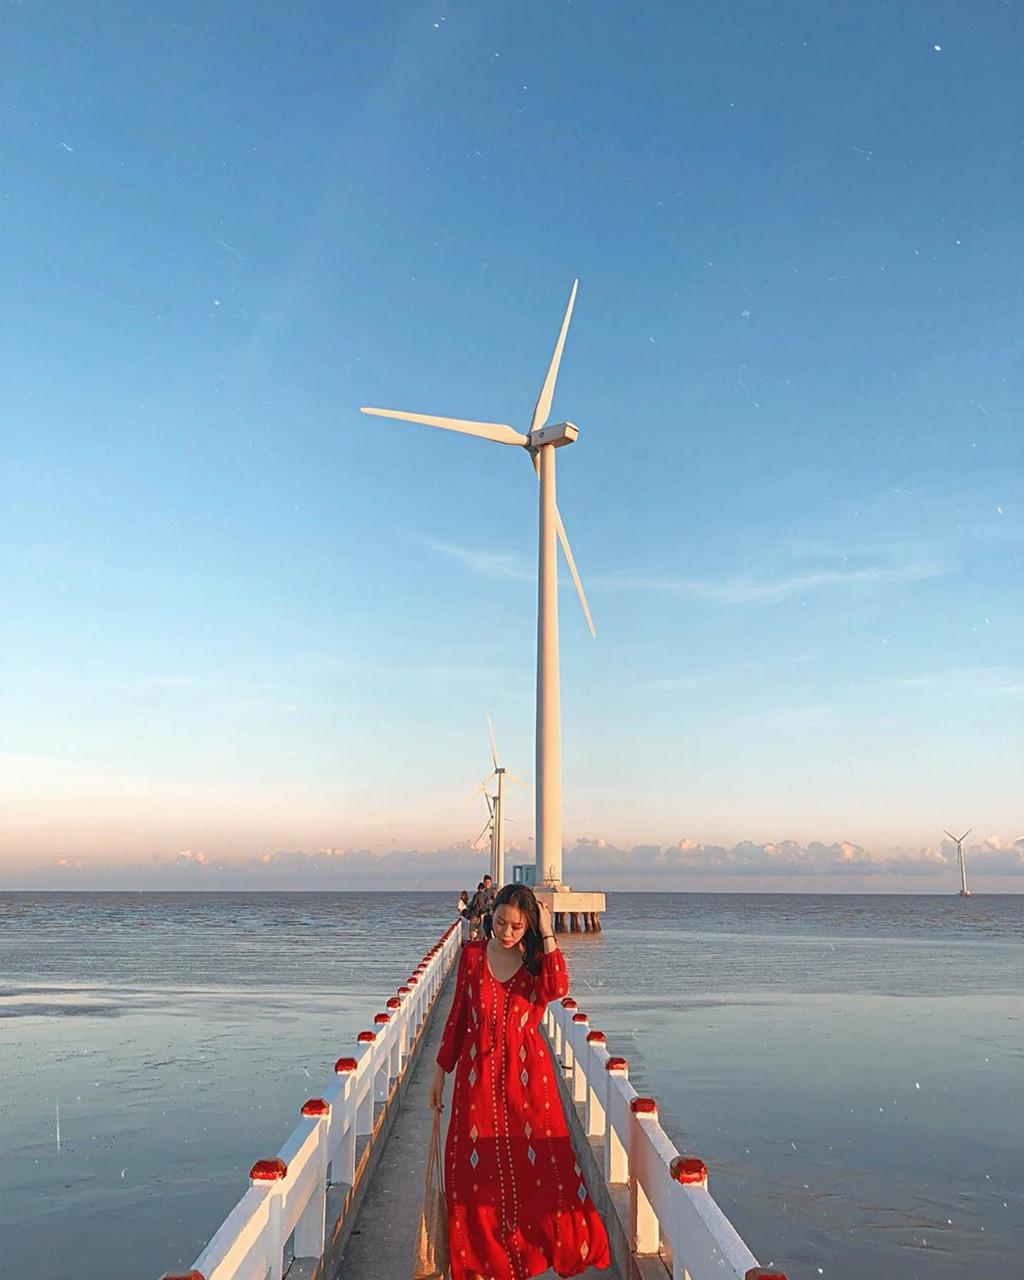 4 cánh đồng quạt gió ở Việt Nam được hội mê sống ảo săn lùng Ảnh 13